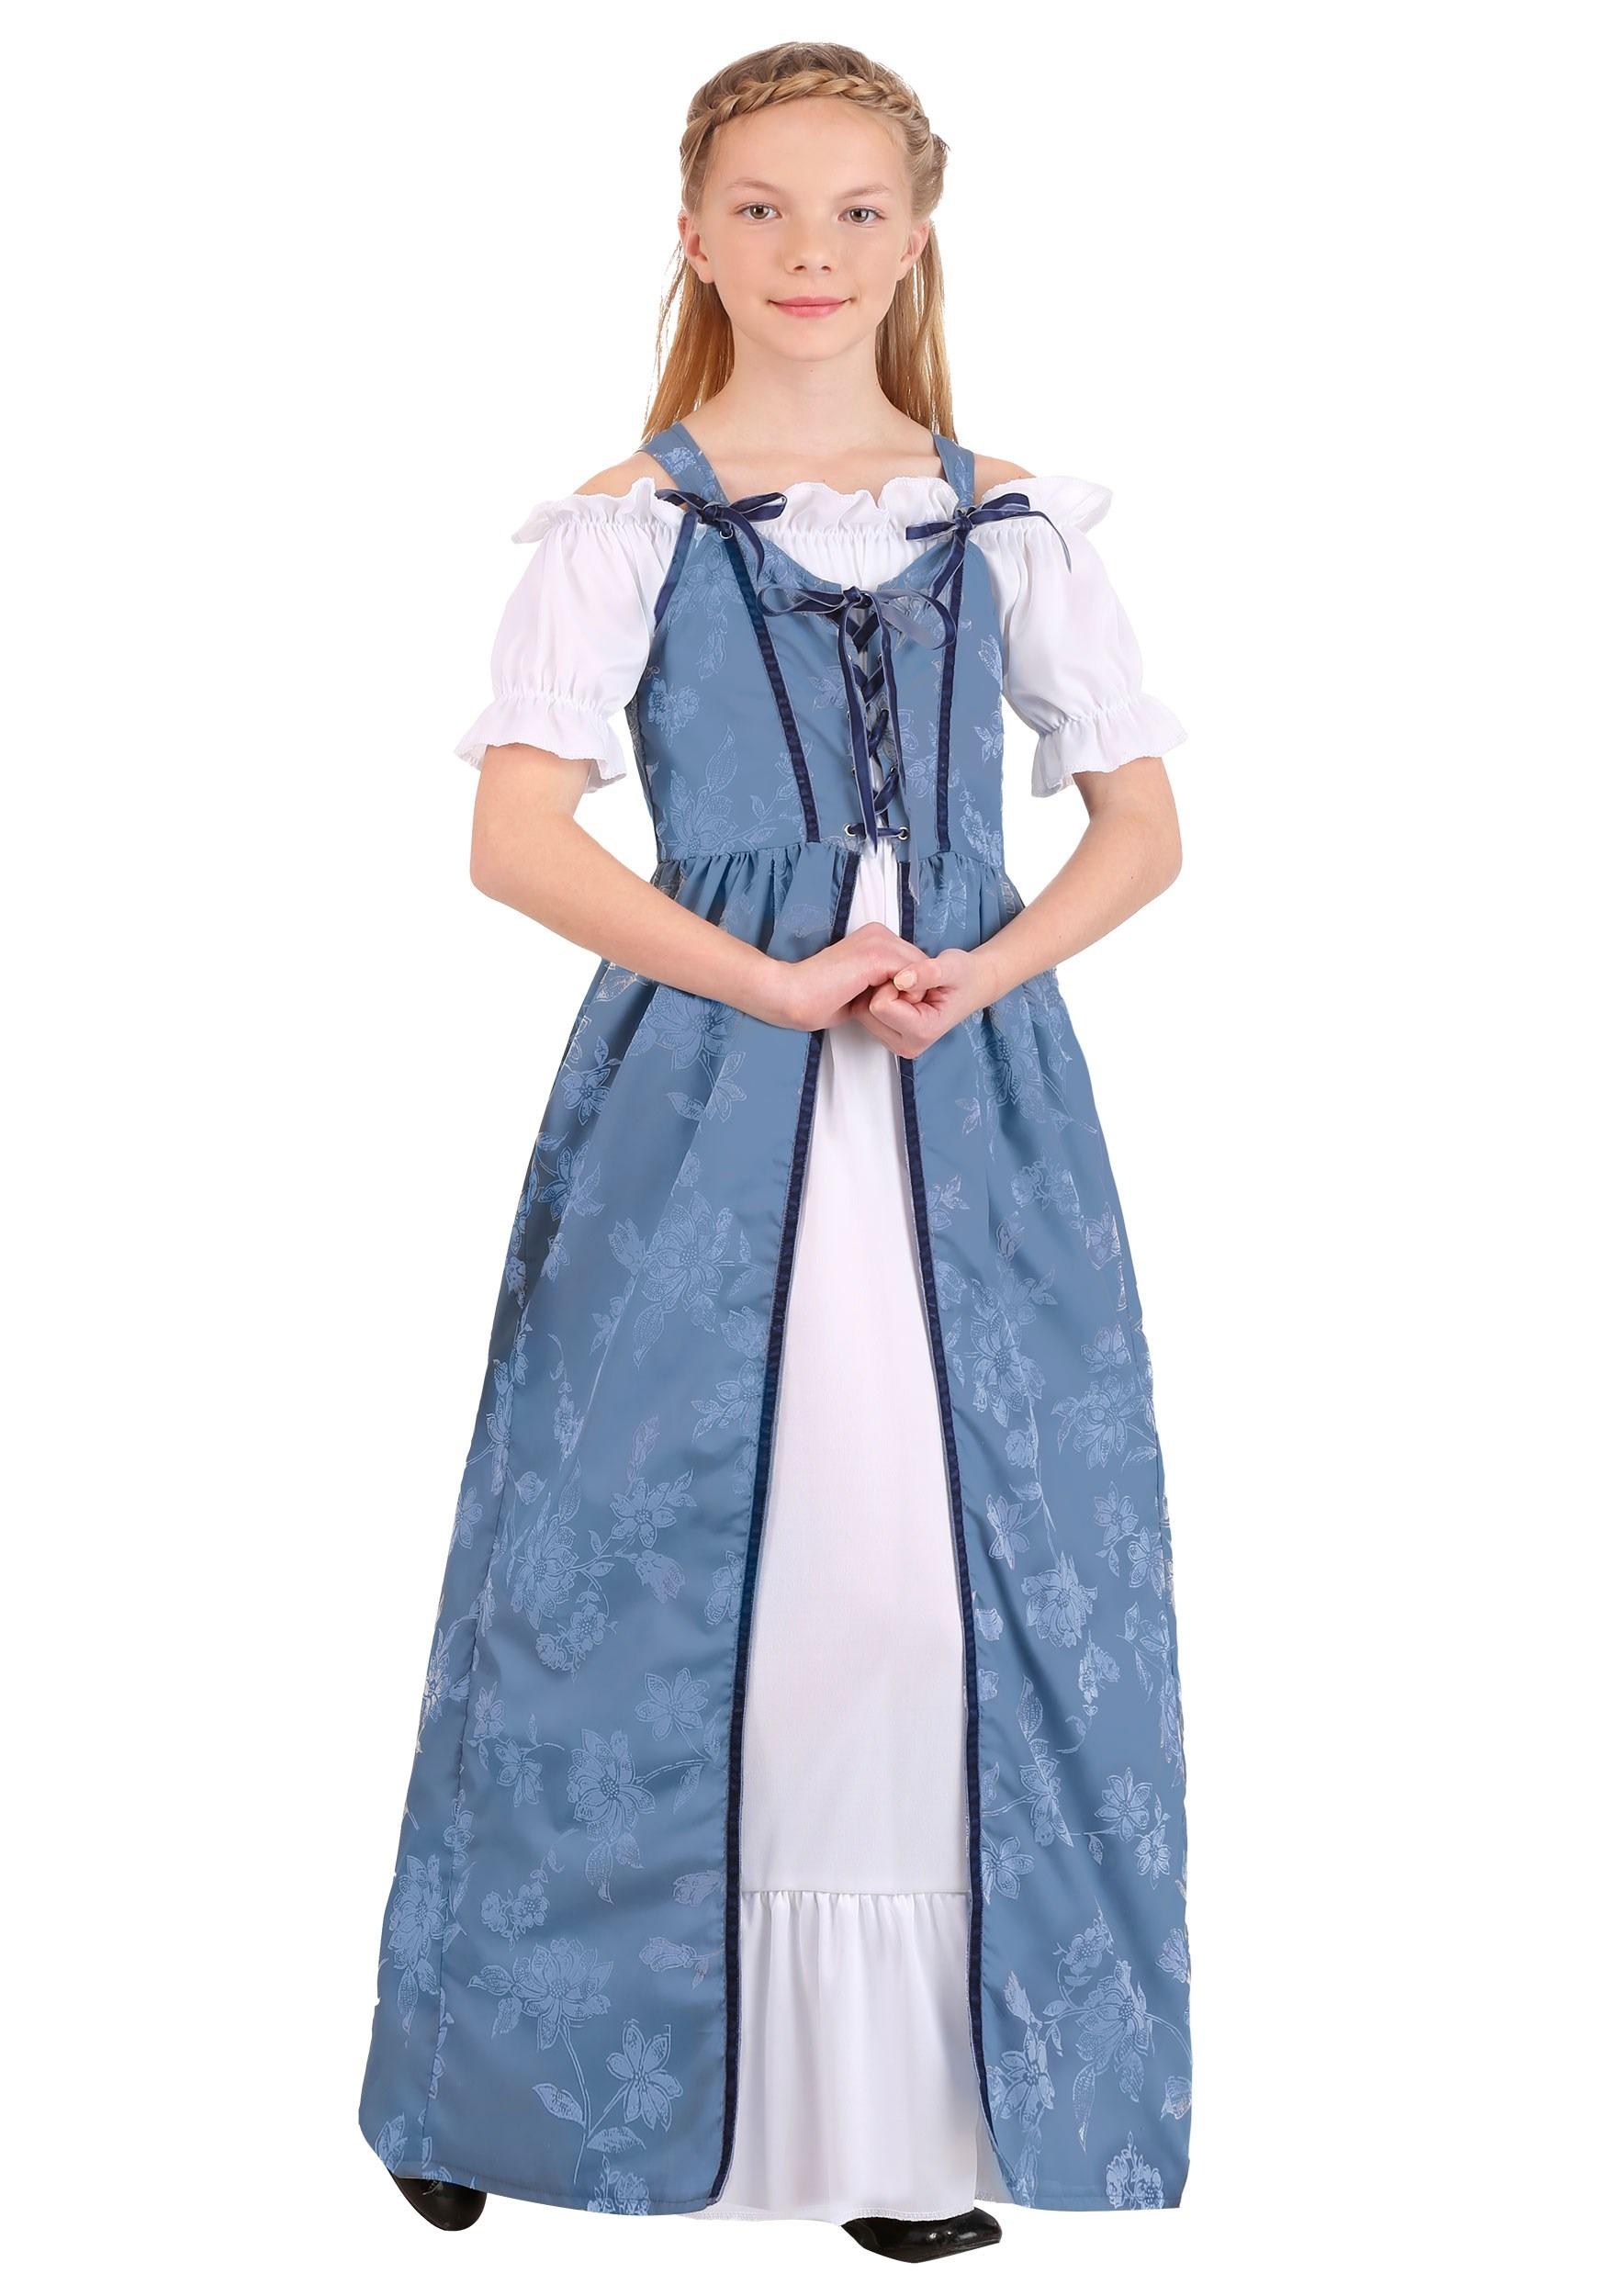 Renaissance Villager Costume for Girls